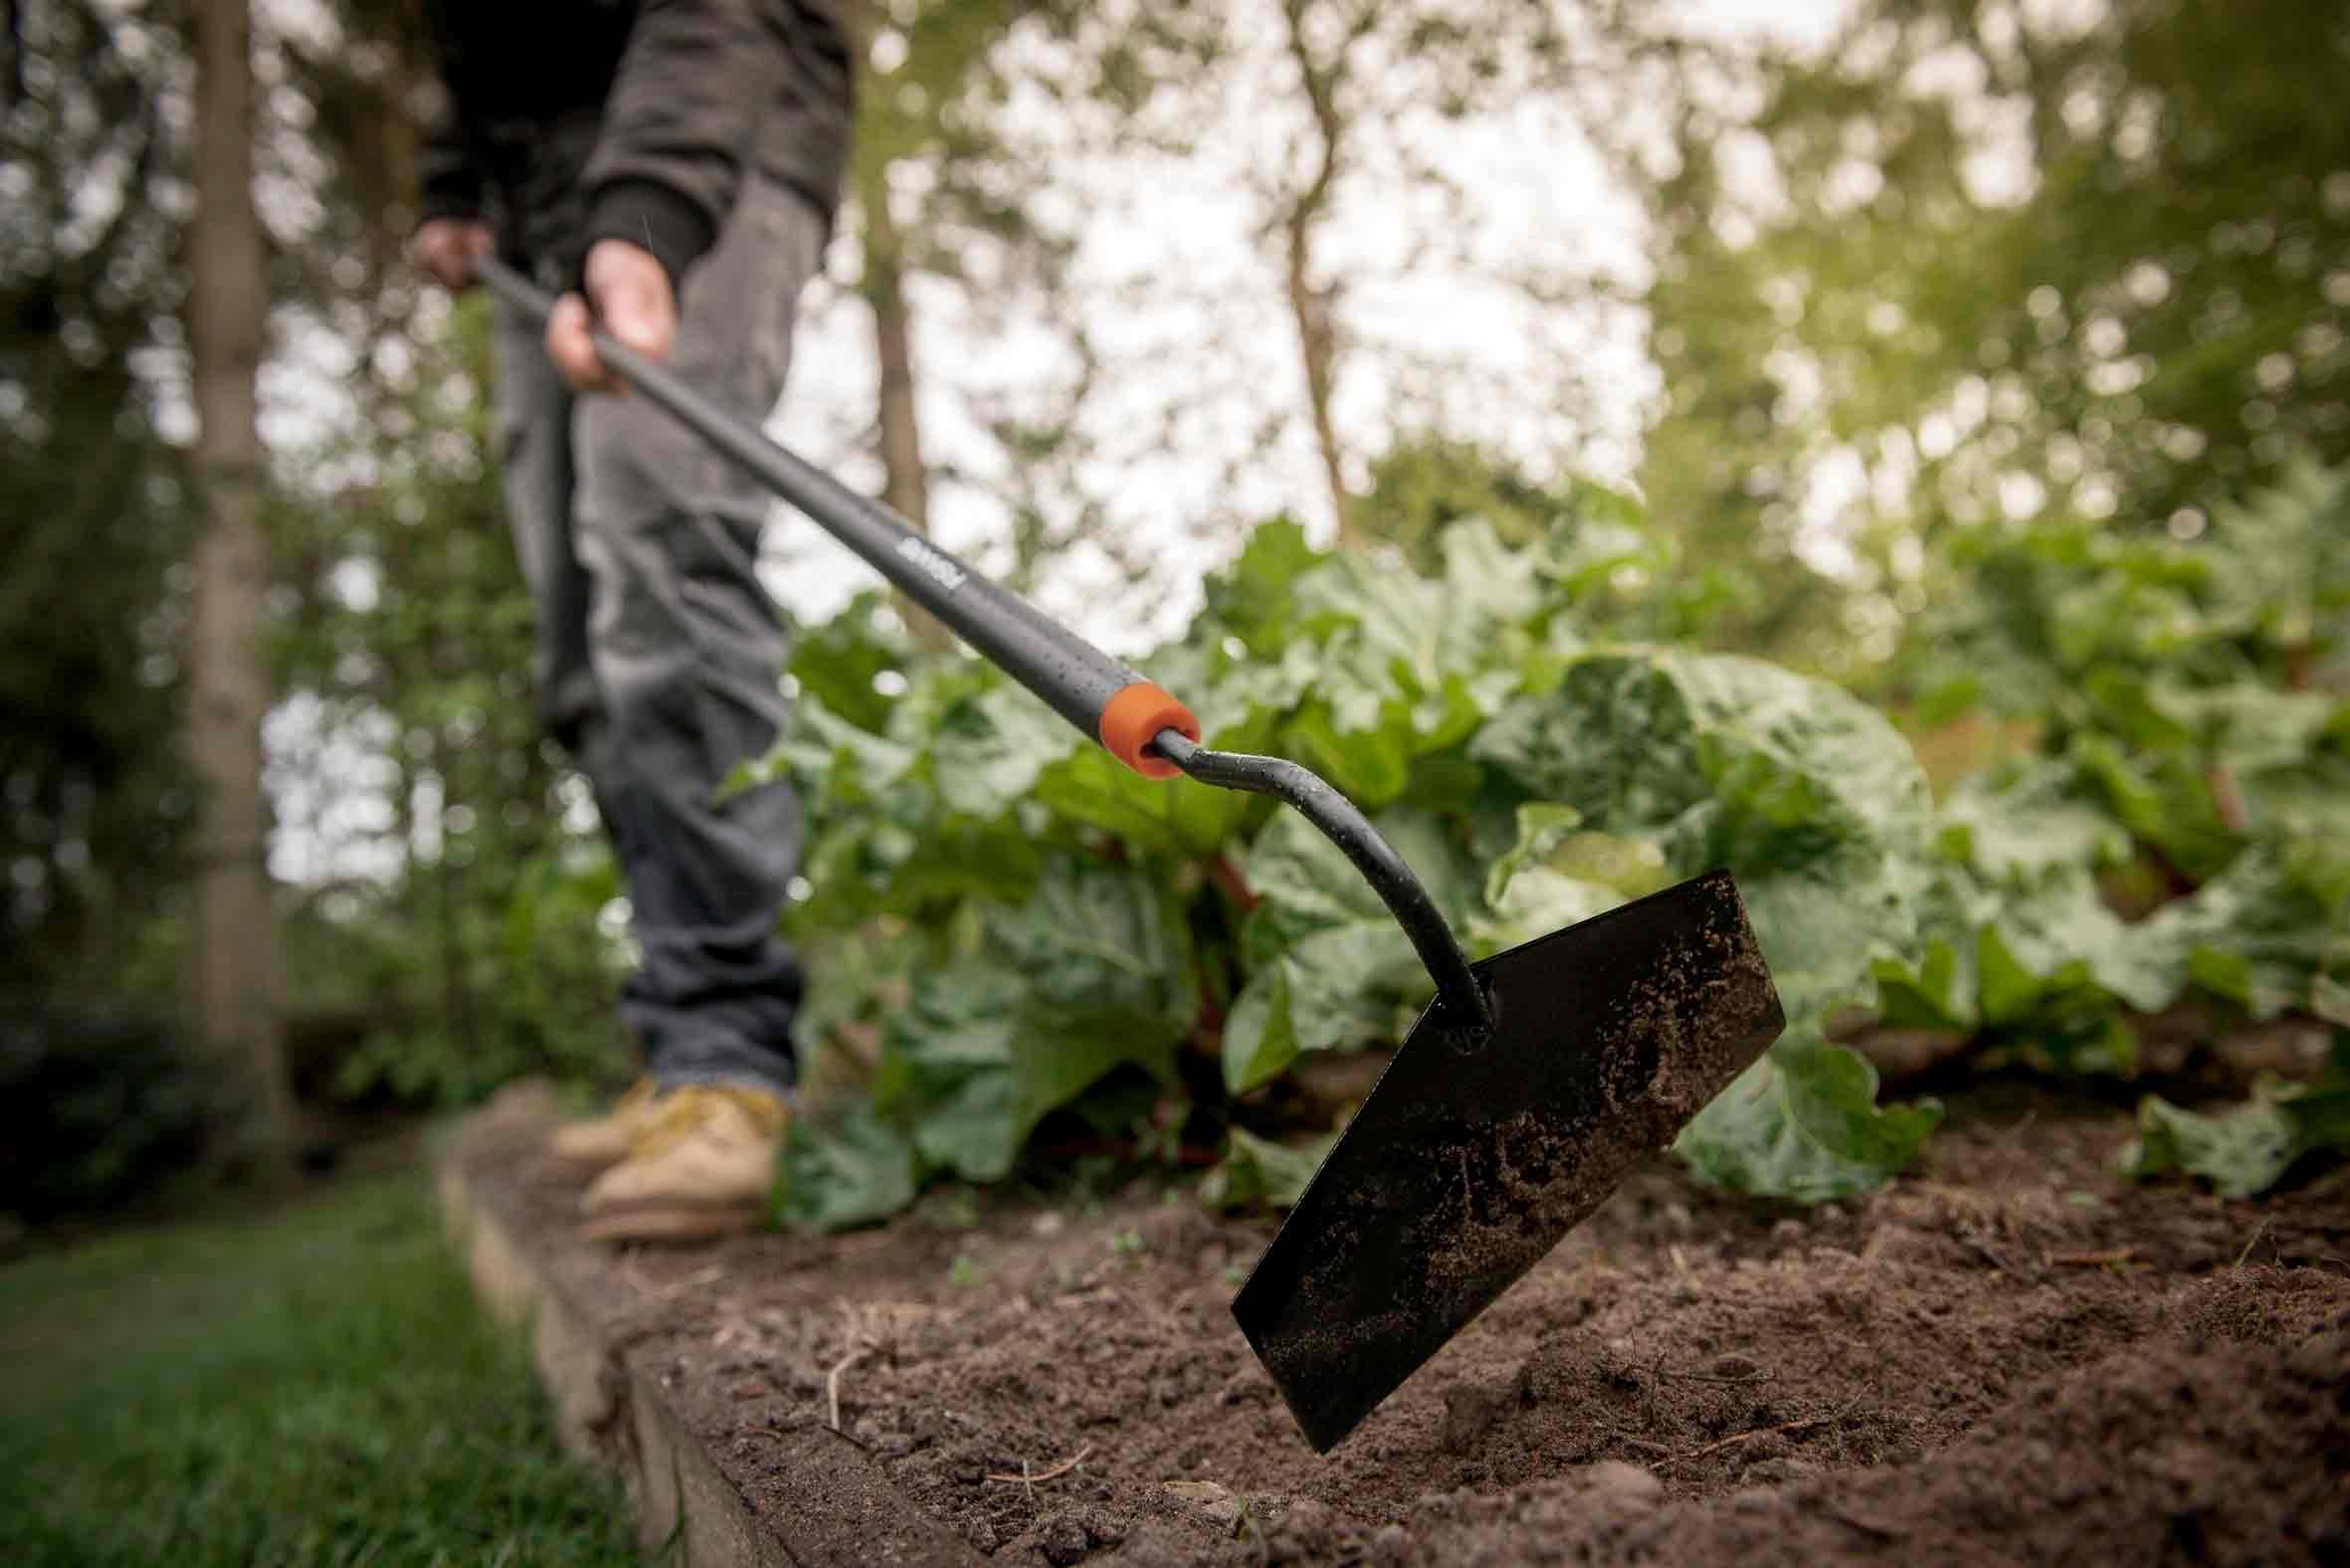 Pailler et travailler son sol permettent de réduire l'arrosage. Photo : Fiskars